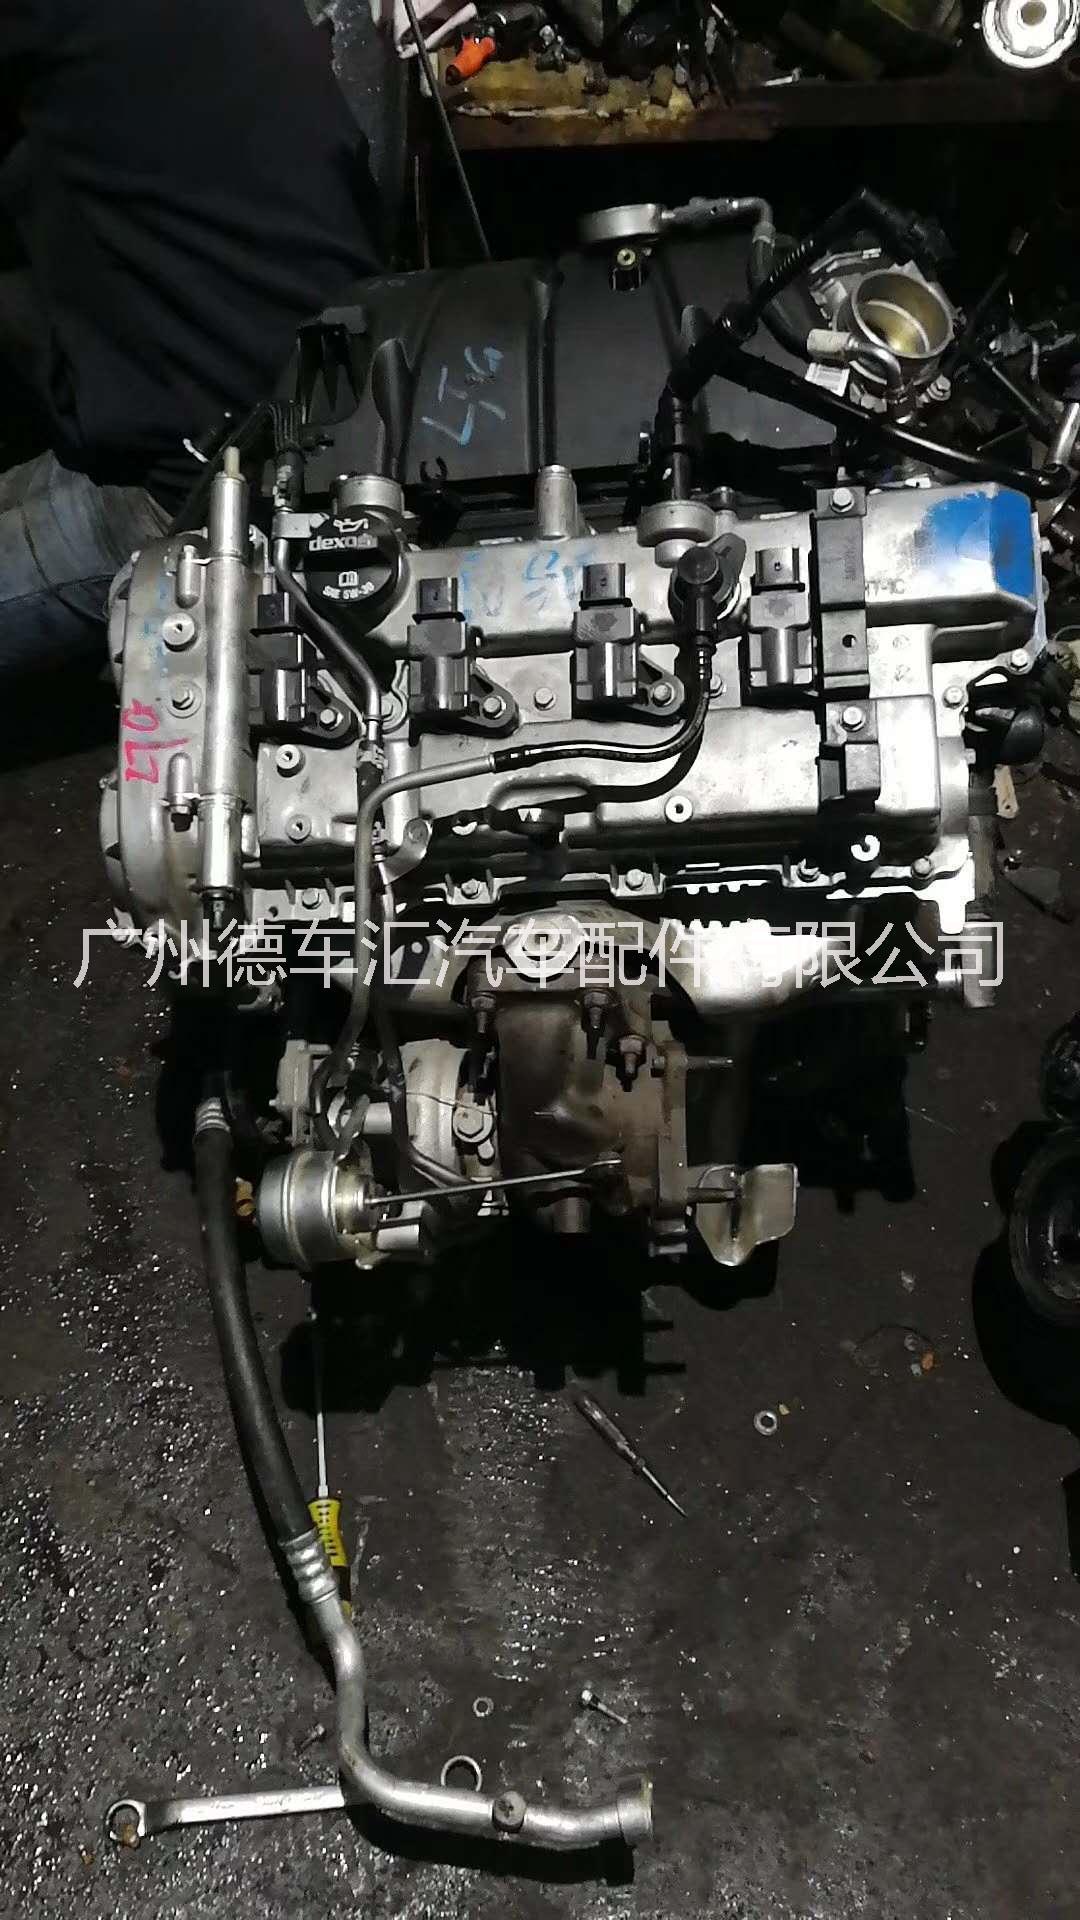 凯迪拉克发动机供应 _凯迪拉克变速箱多少钱|凯迪拉克发动机专卖  凯迪拉克发动机变速箱价格